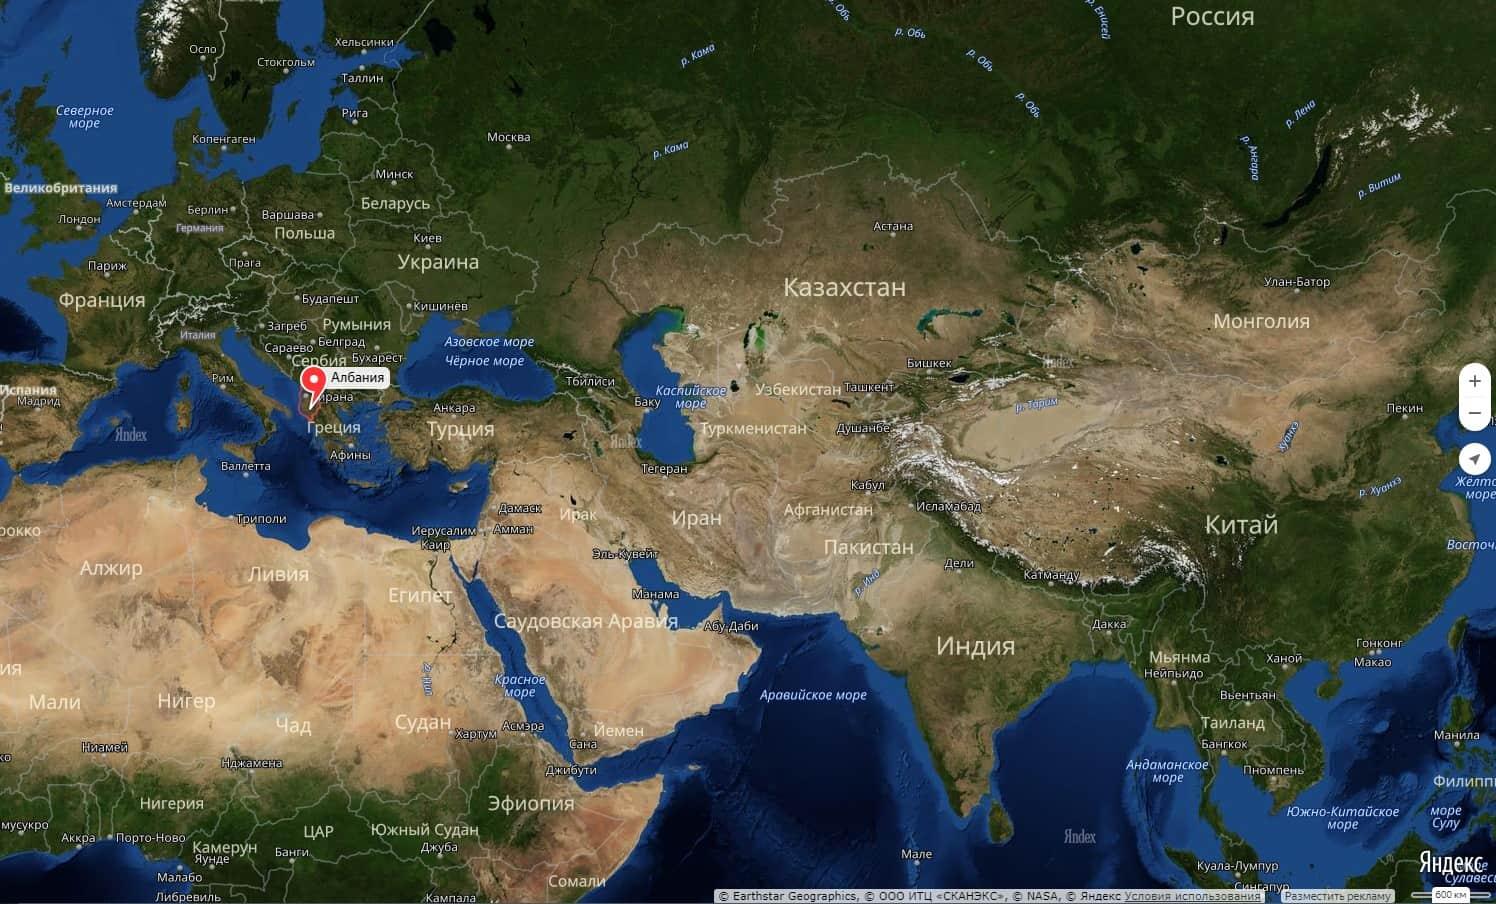 Albaniya Na Karte Mira S Gorodami Na Russkom Yazyke Podrobno